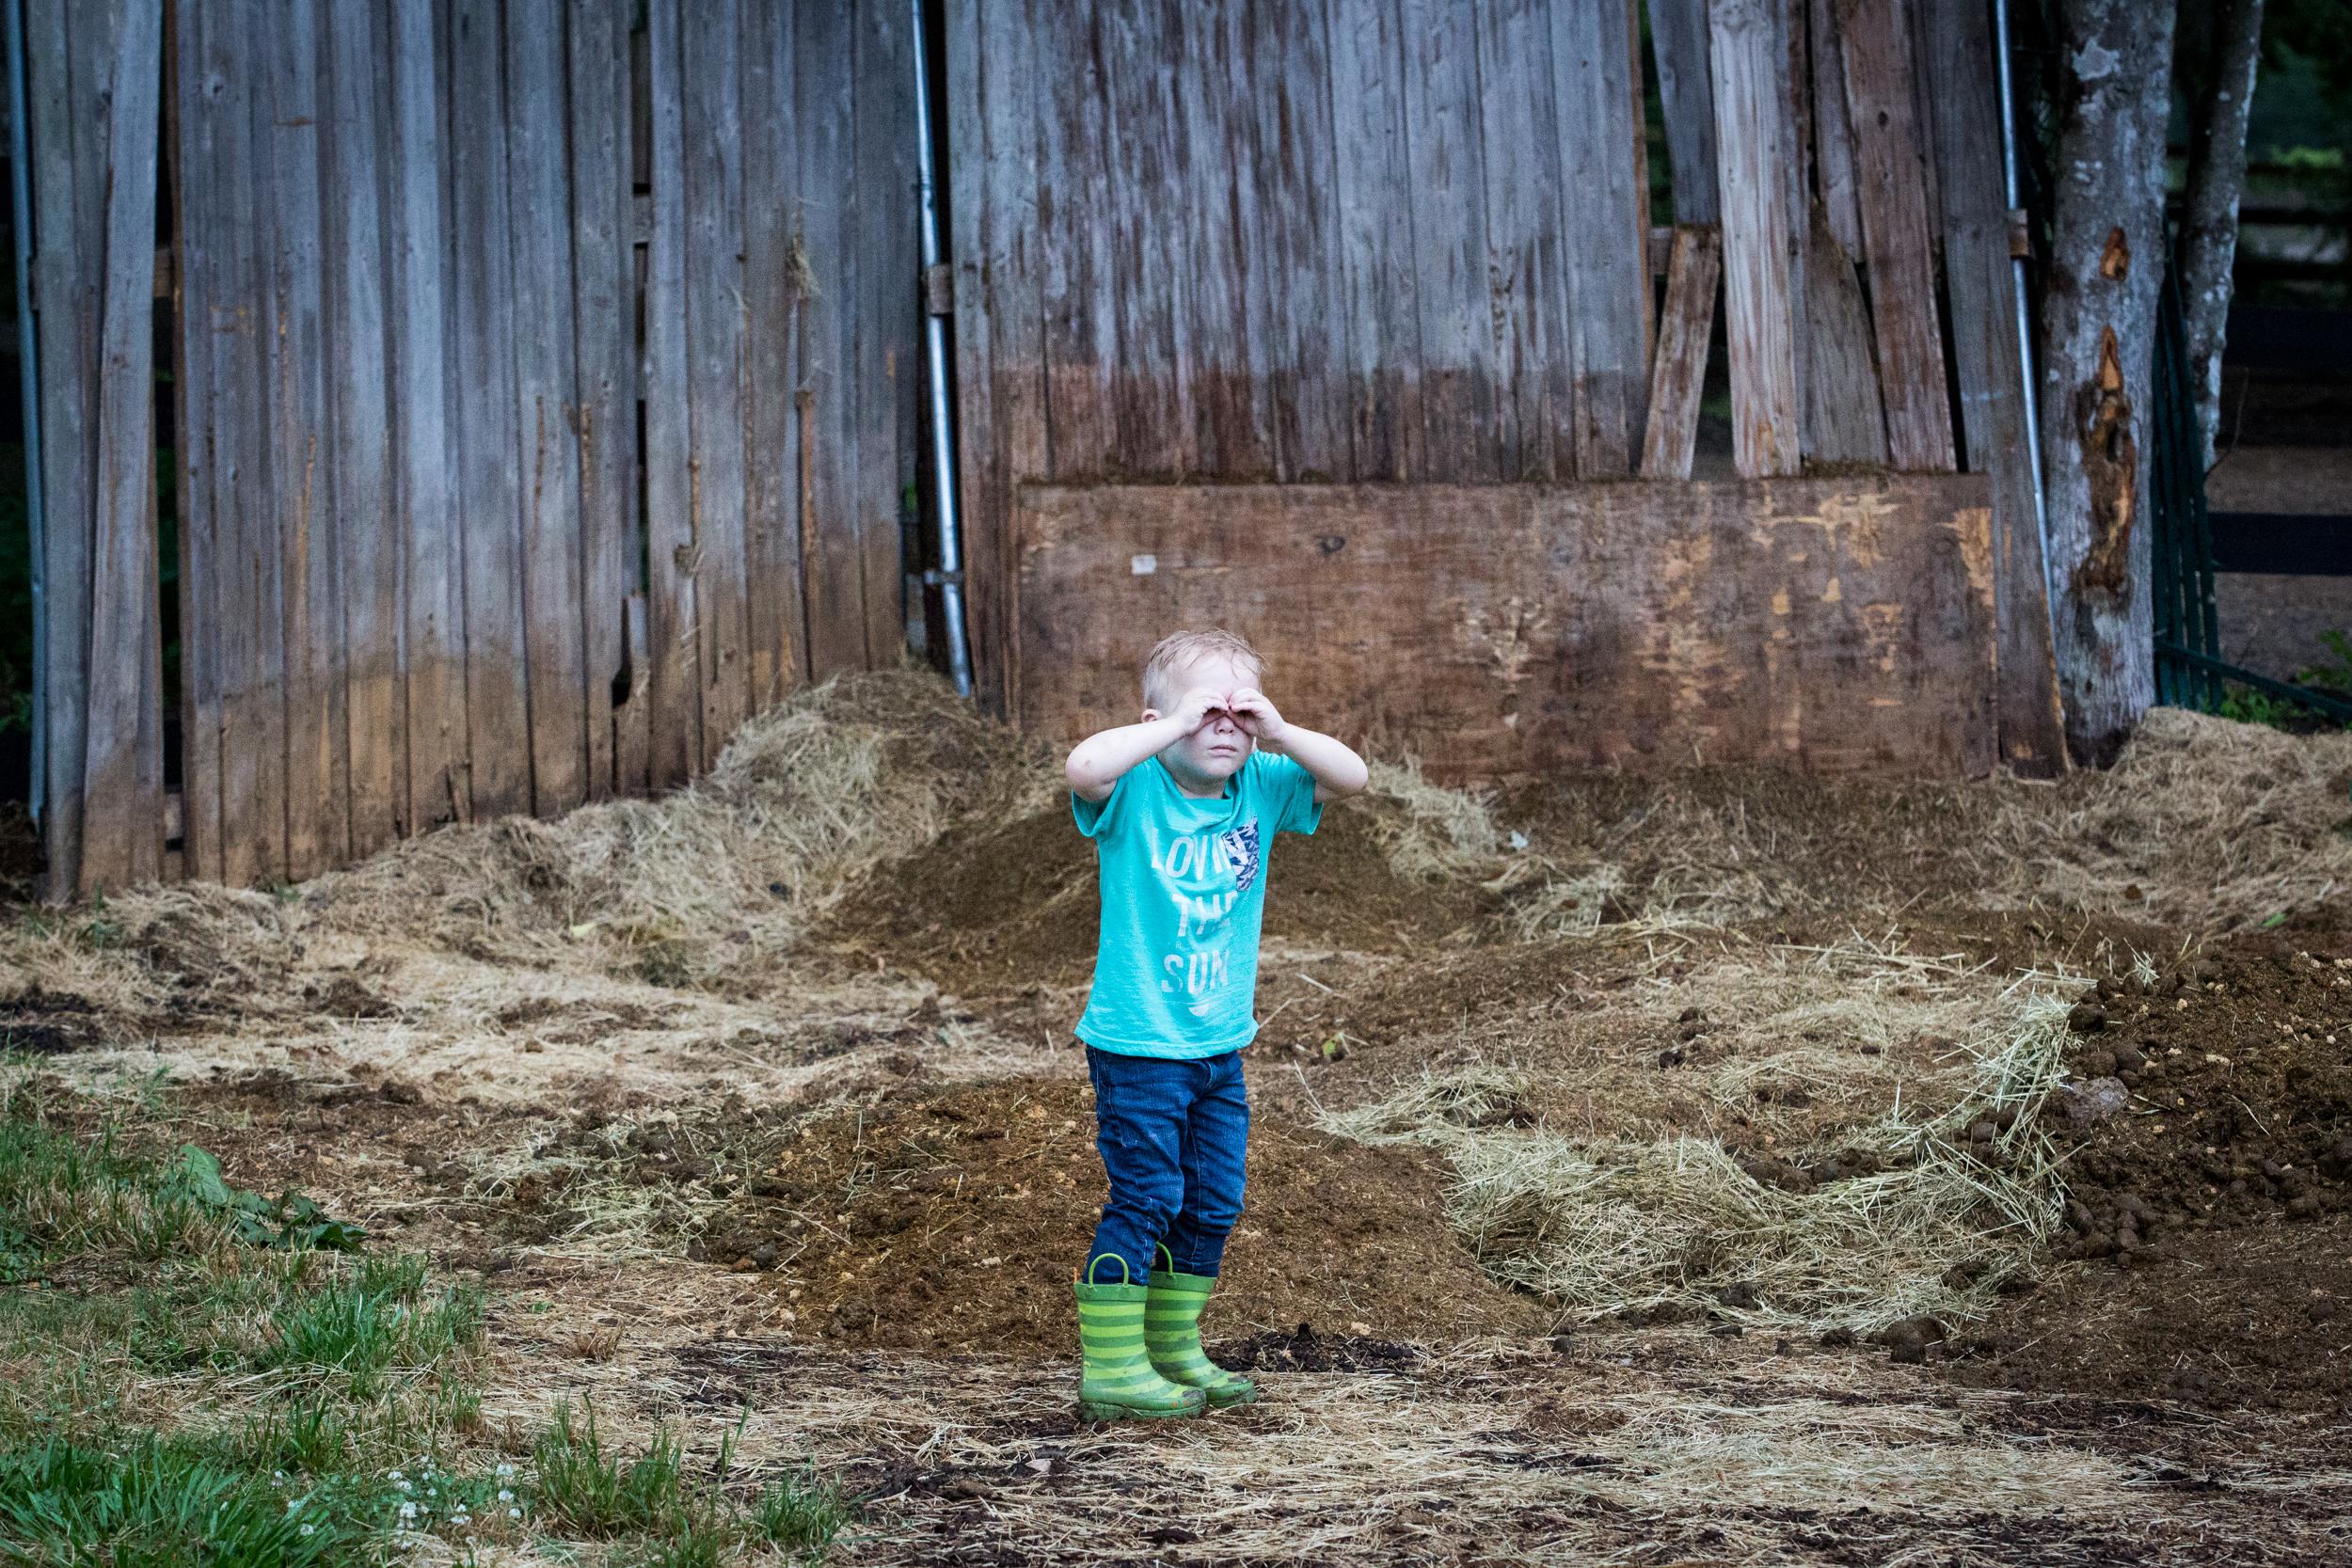 jacksonville-family-photographer-documentary-16.jpg